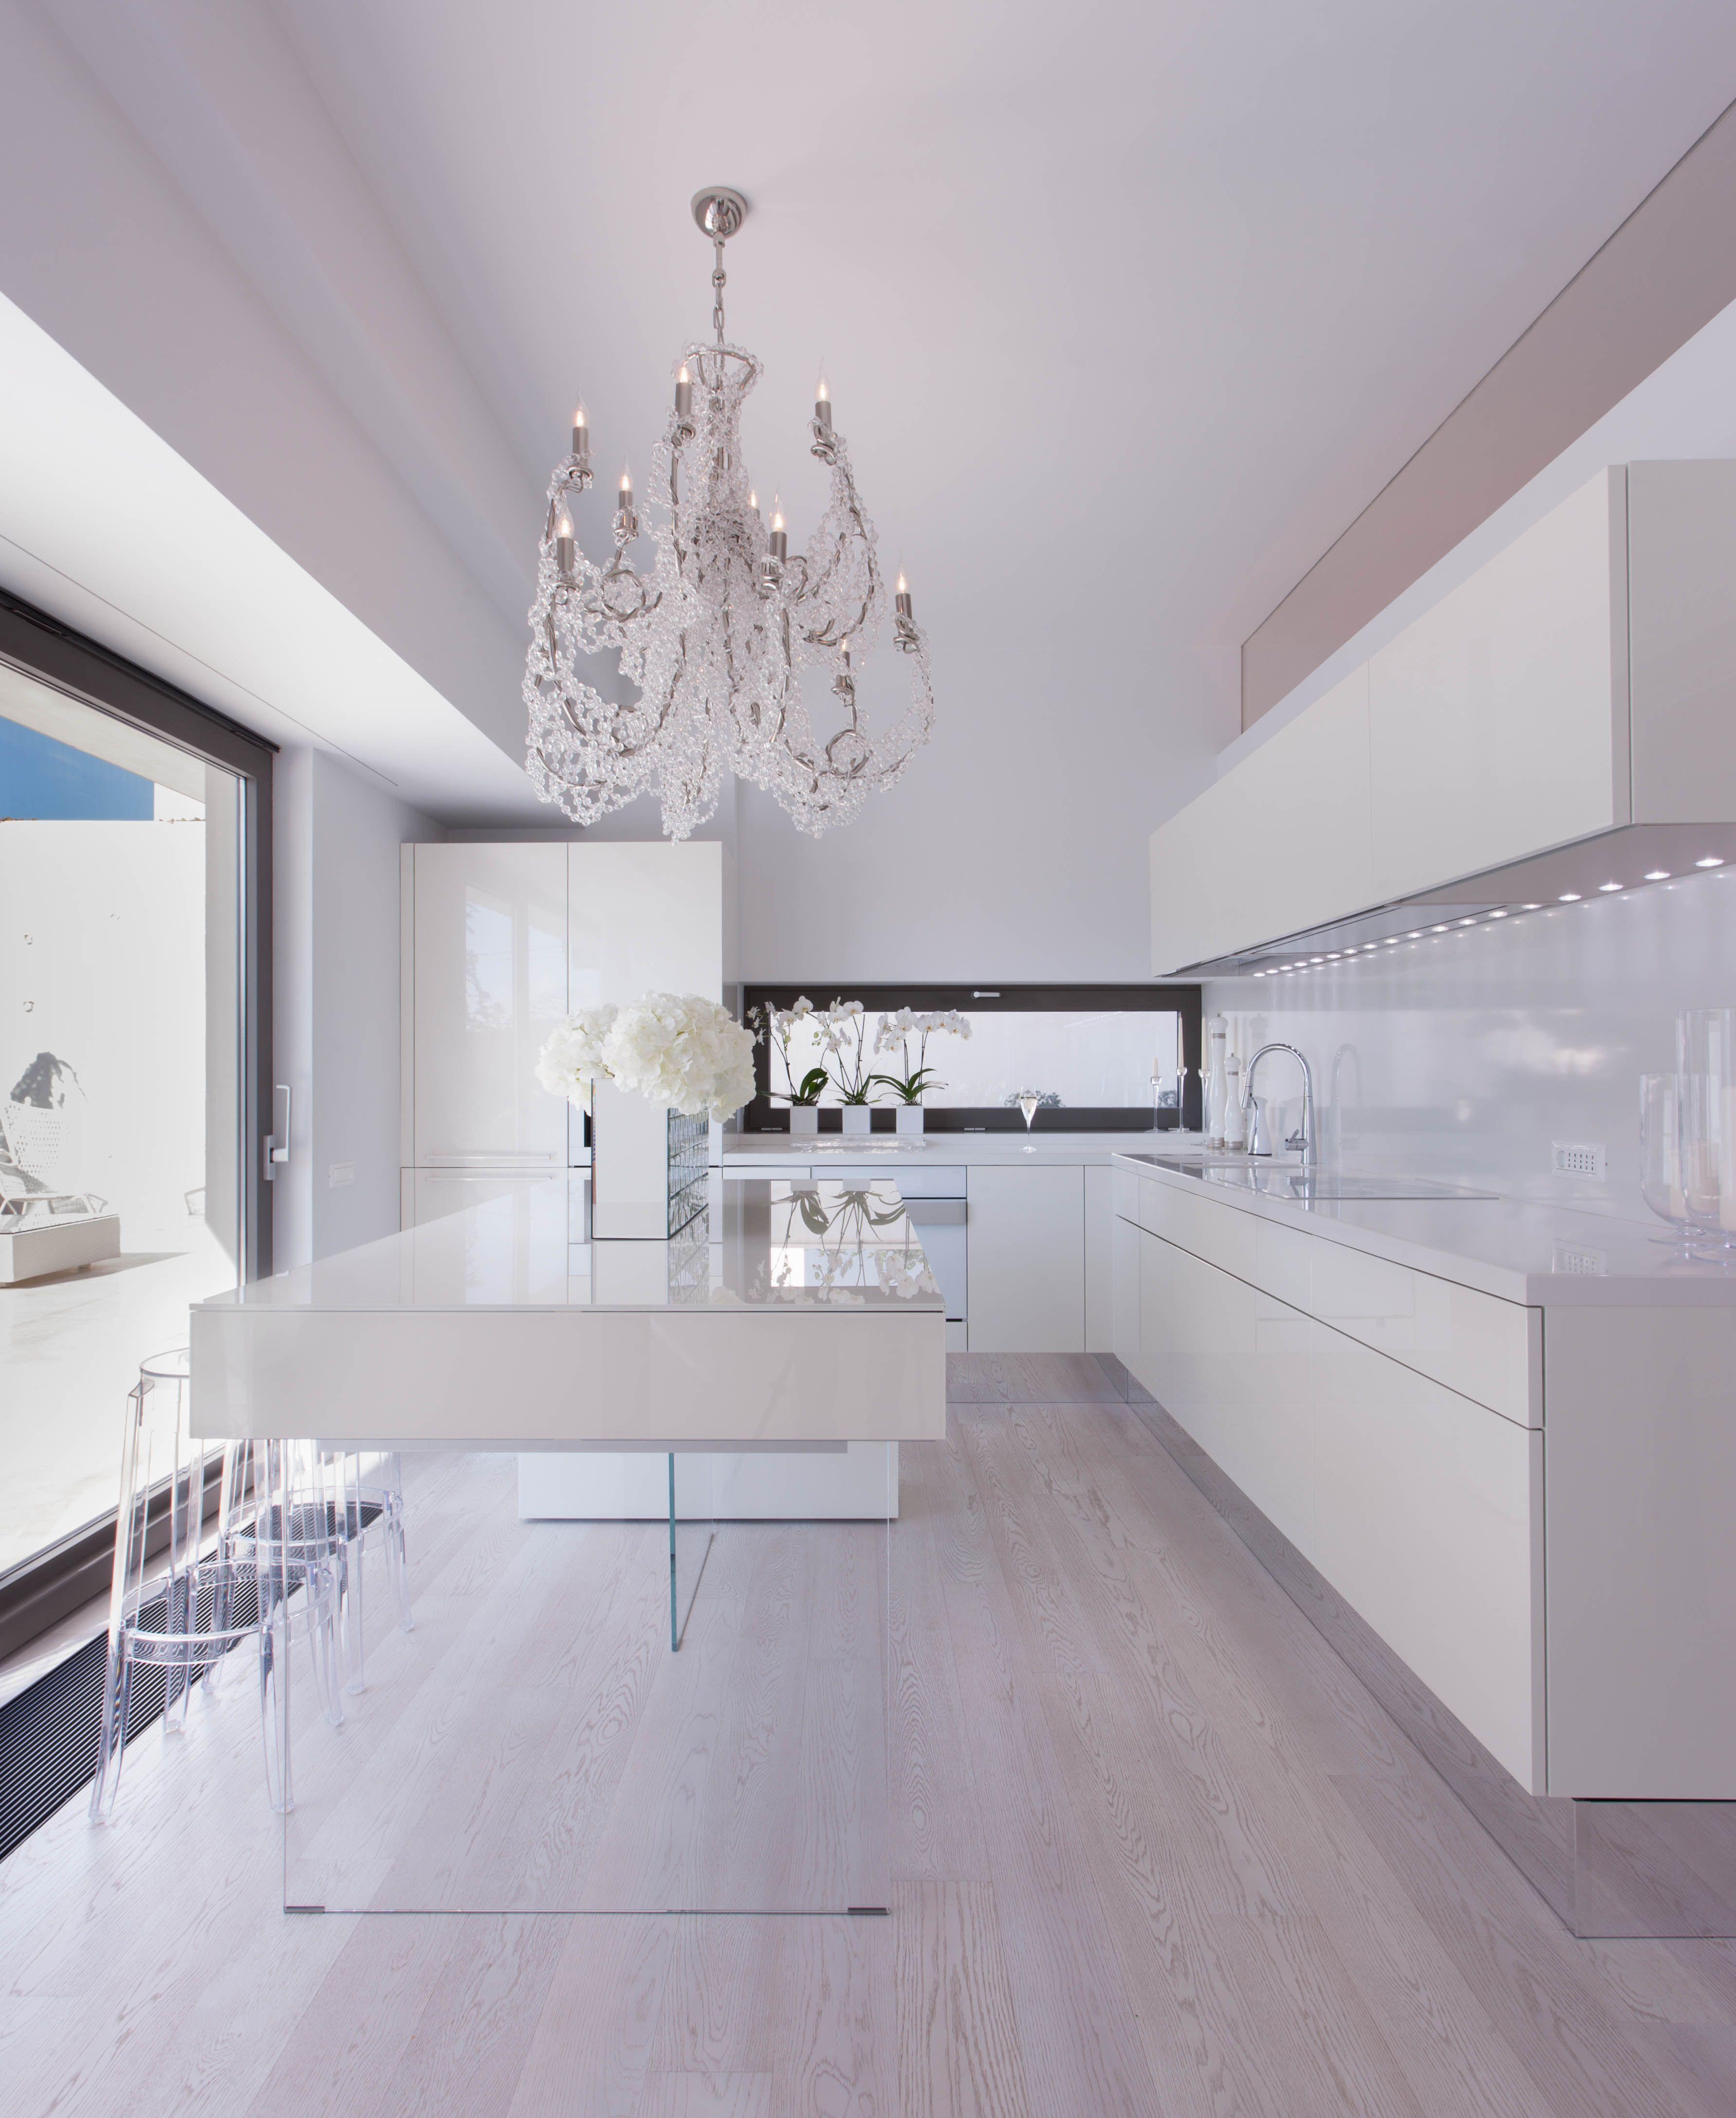 Gemütlich Schöne Küche Renovierungen Fotos - Küchenschrank Ideen ...